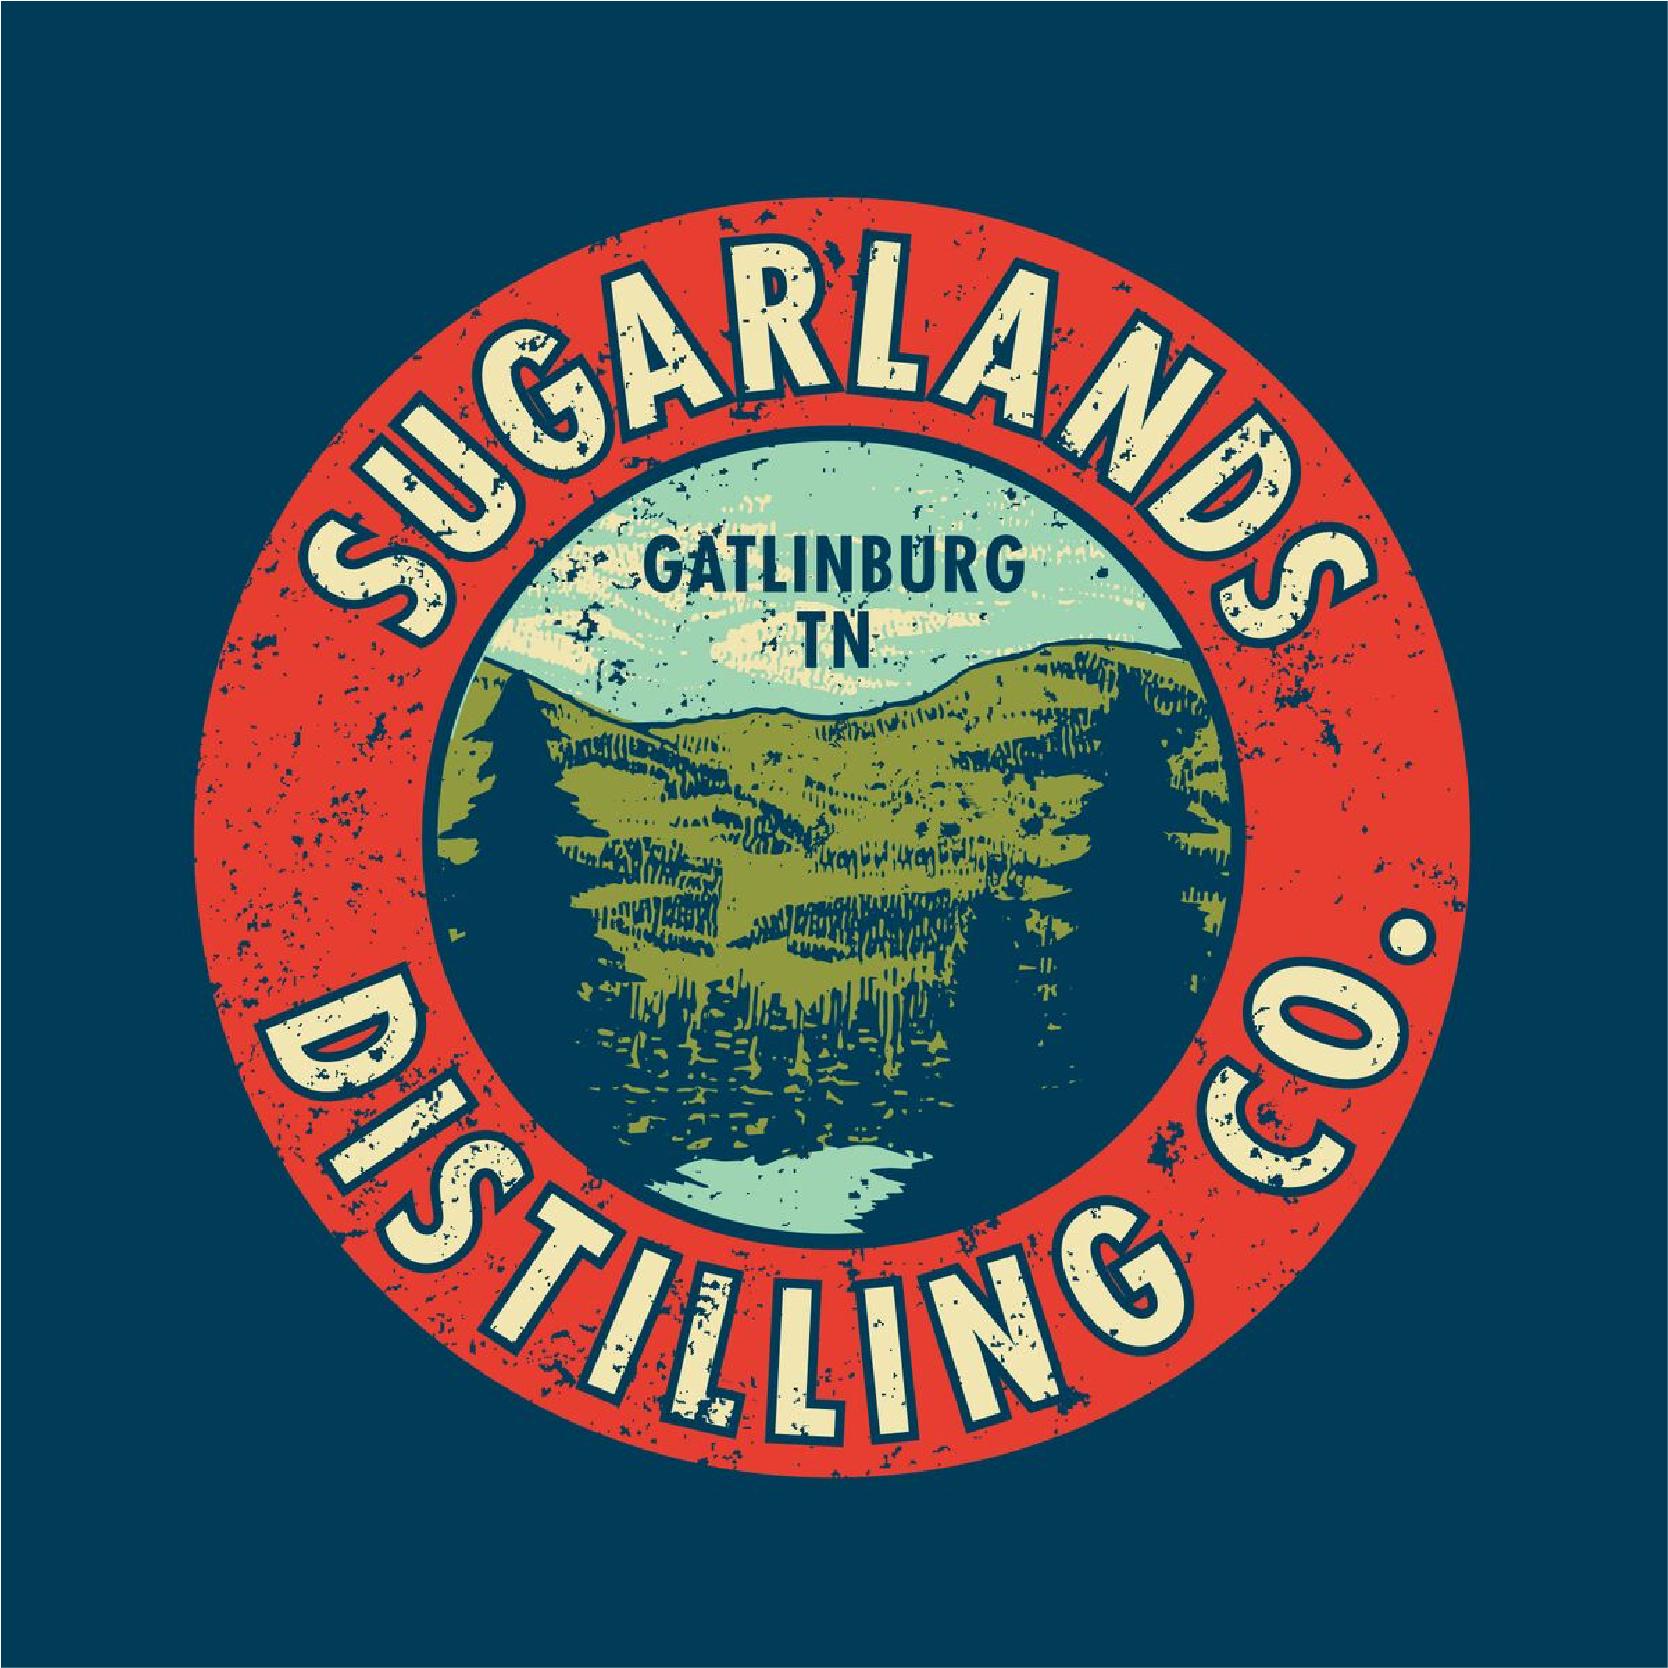 Distilling_Flats-11.jpg